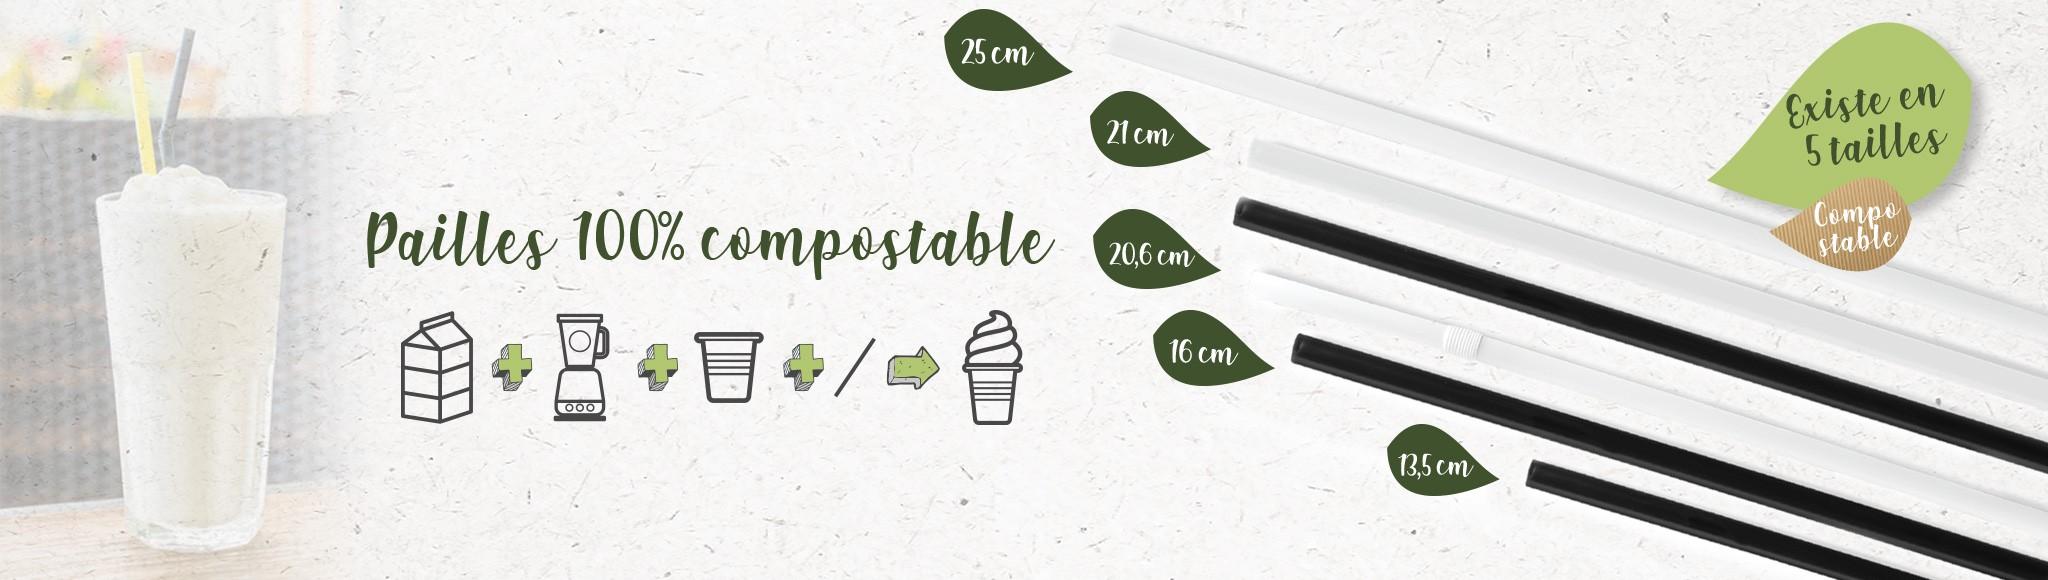 Pailles 100% compostables